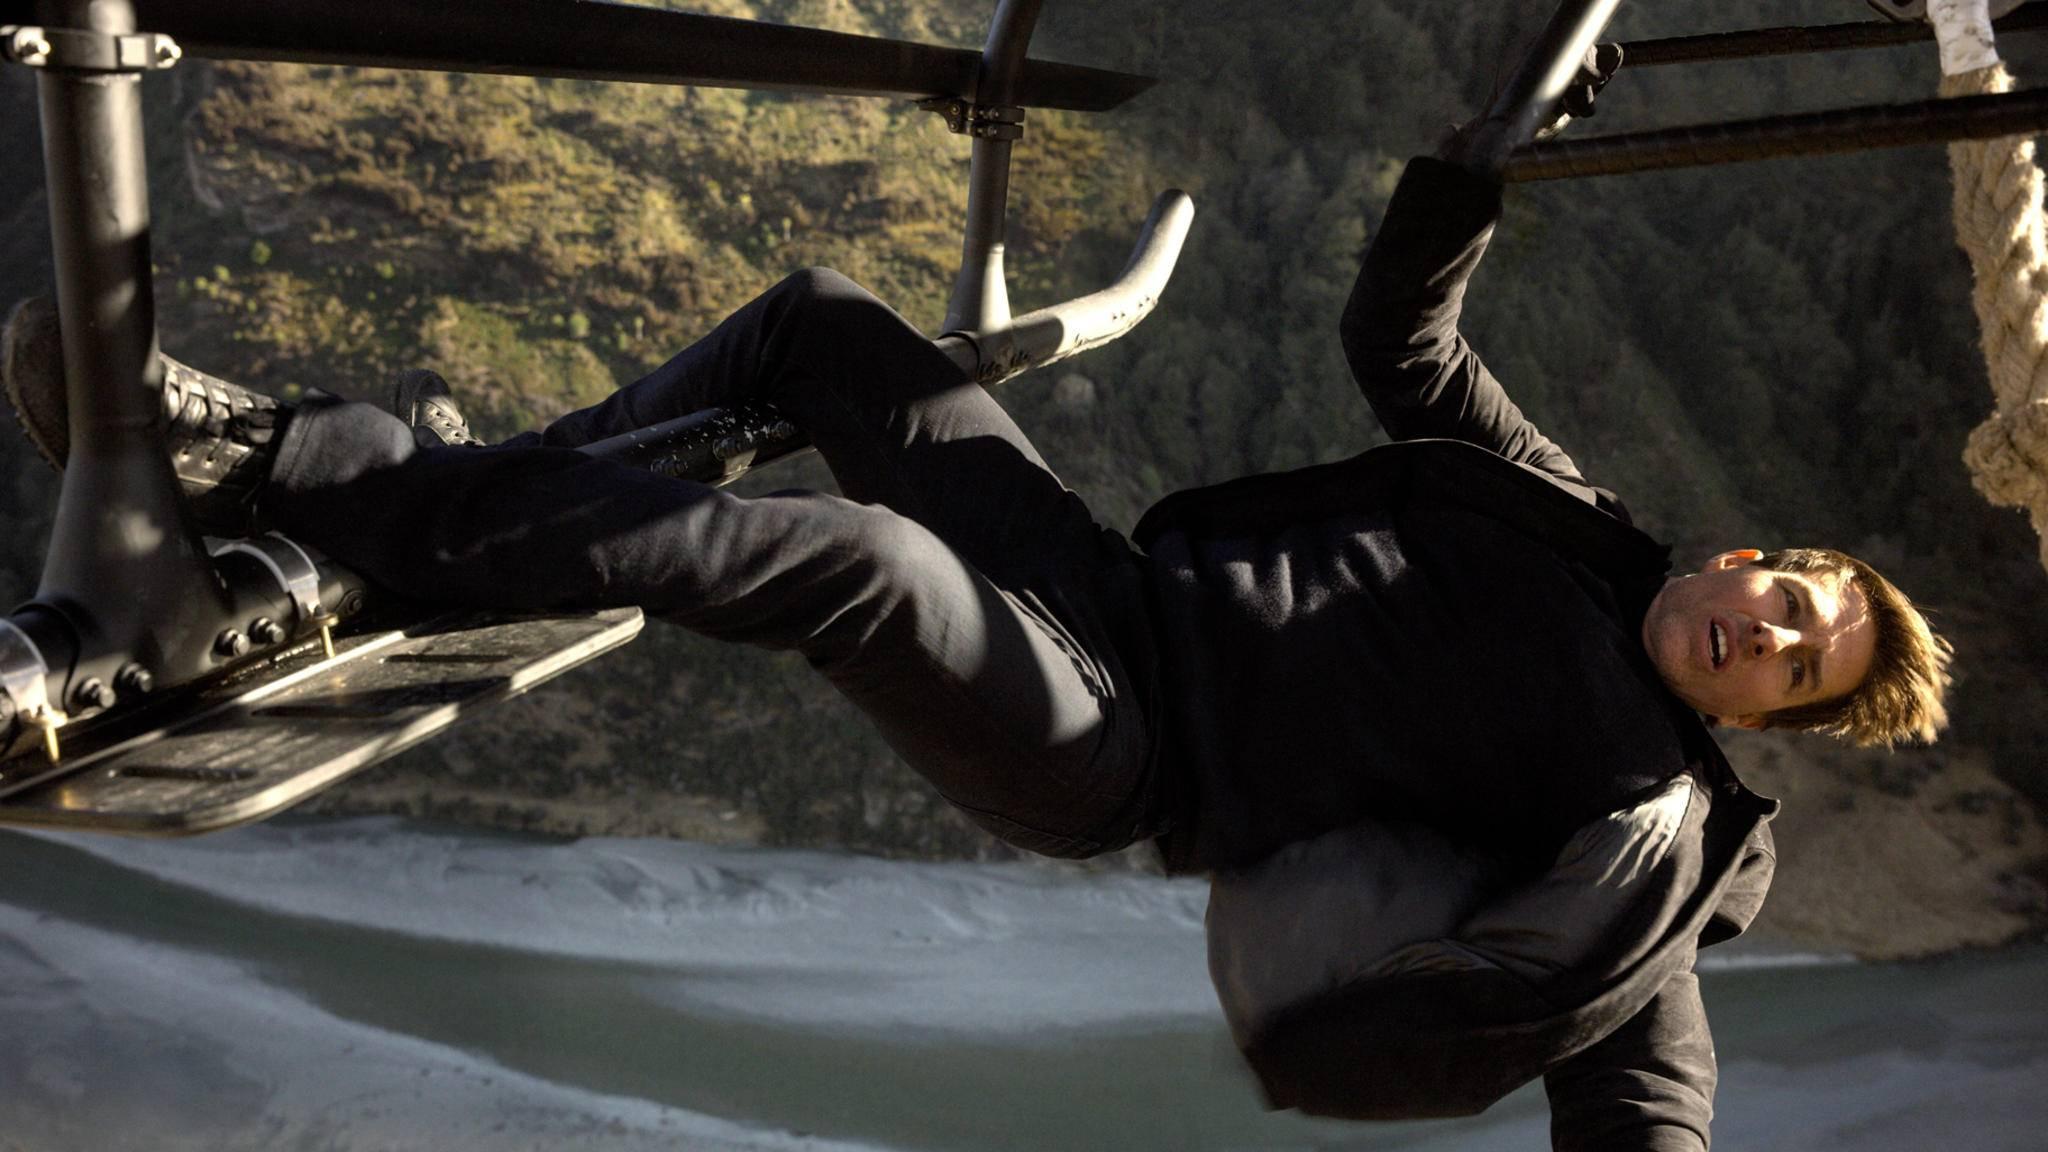 Für Tom Cruise kann es bei Stunts gar nicht hoch genug sein.